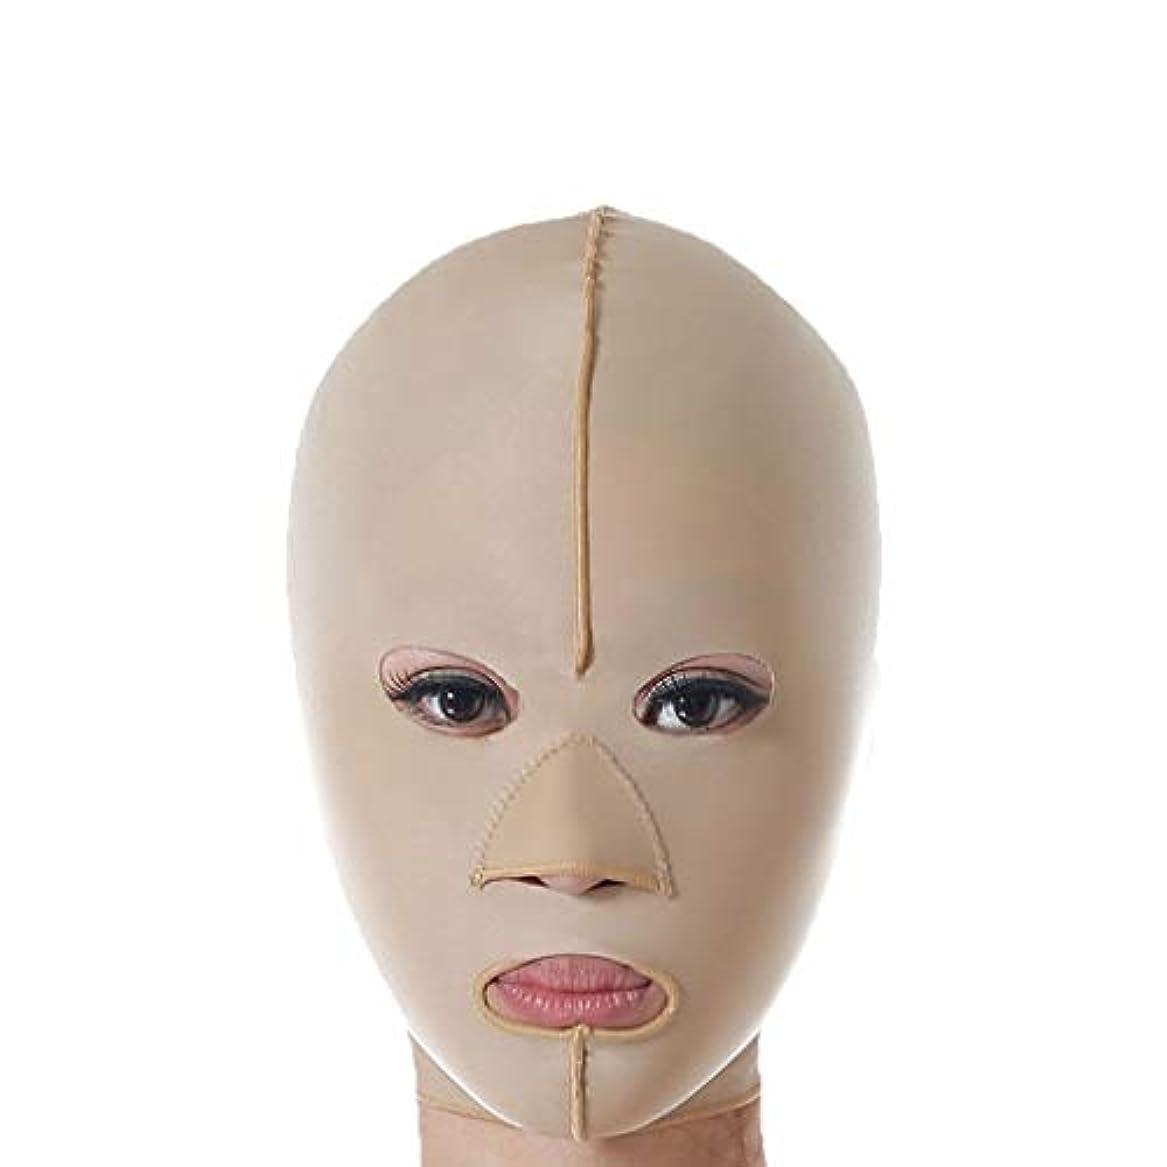 不透明な通信する電気的XHLMRMJ 減量フェイスマスク、リフティング包帯、スリムフェイスリフトリフティングベルト、フェイシャル減量リフティング包帯 (Size : L)